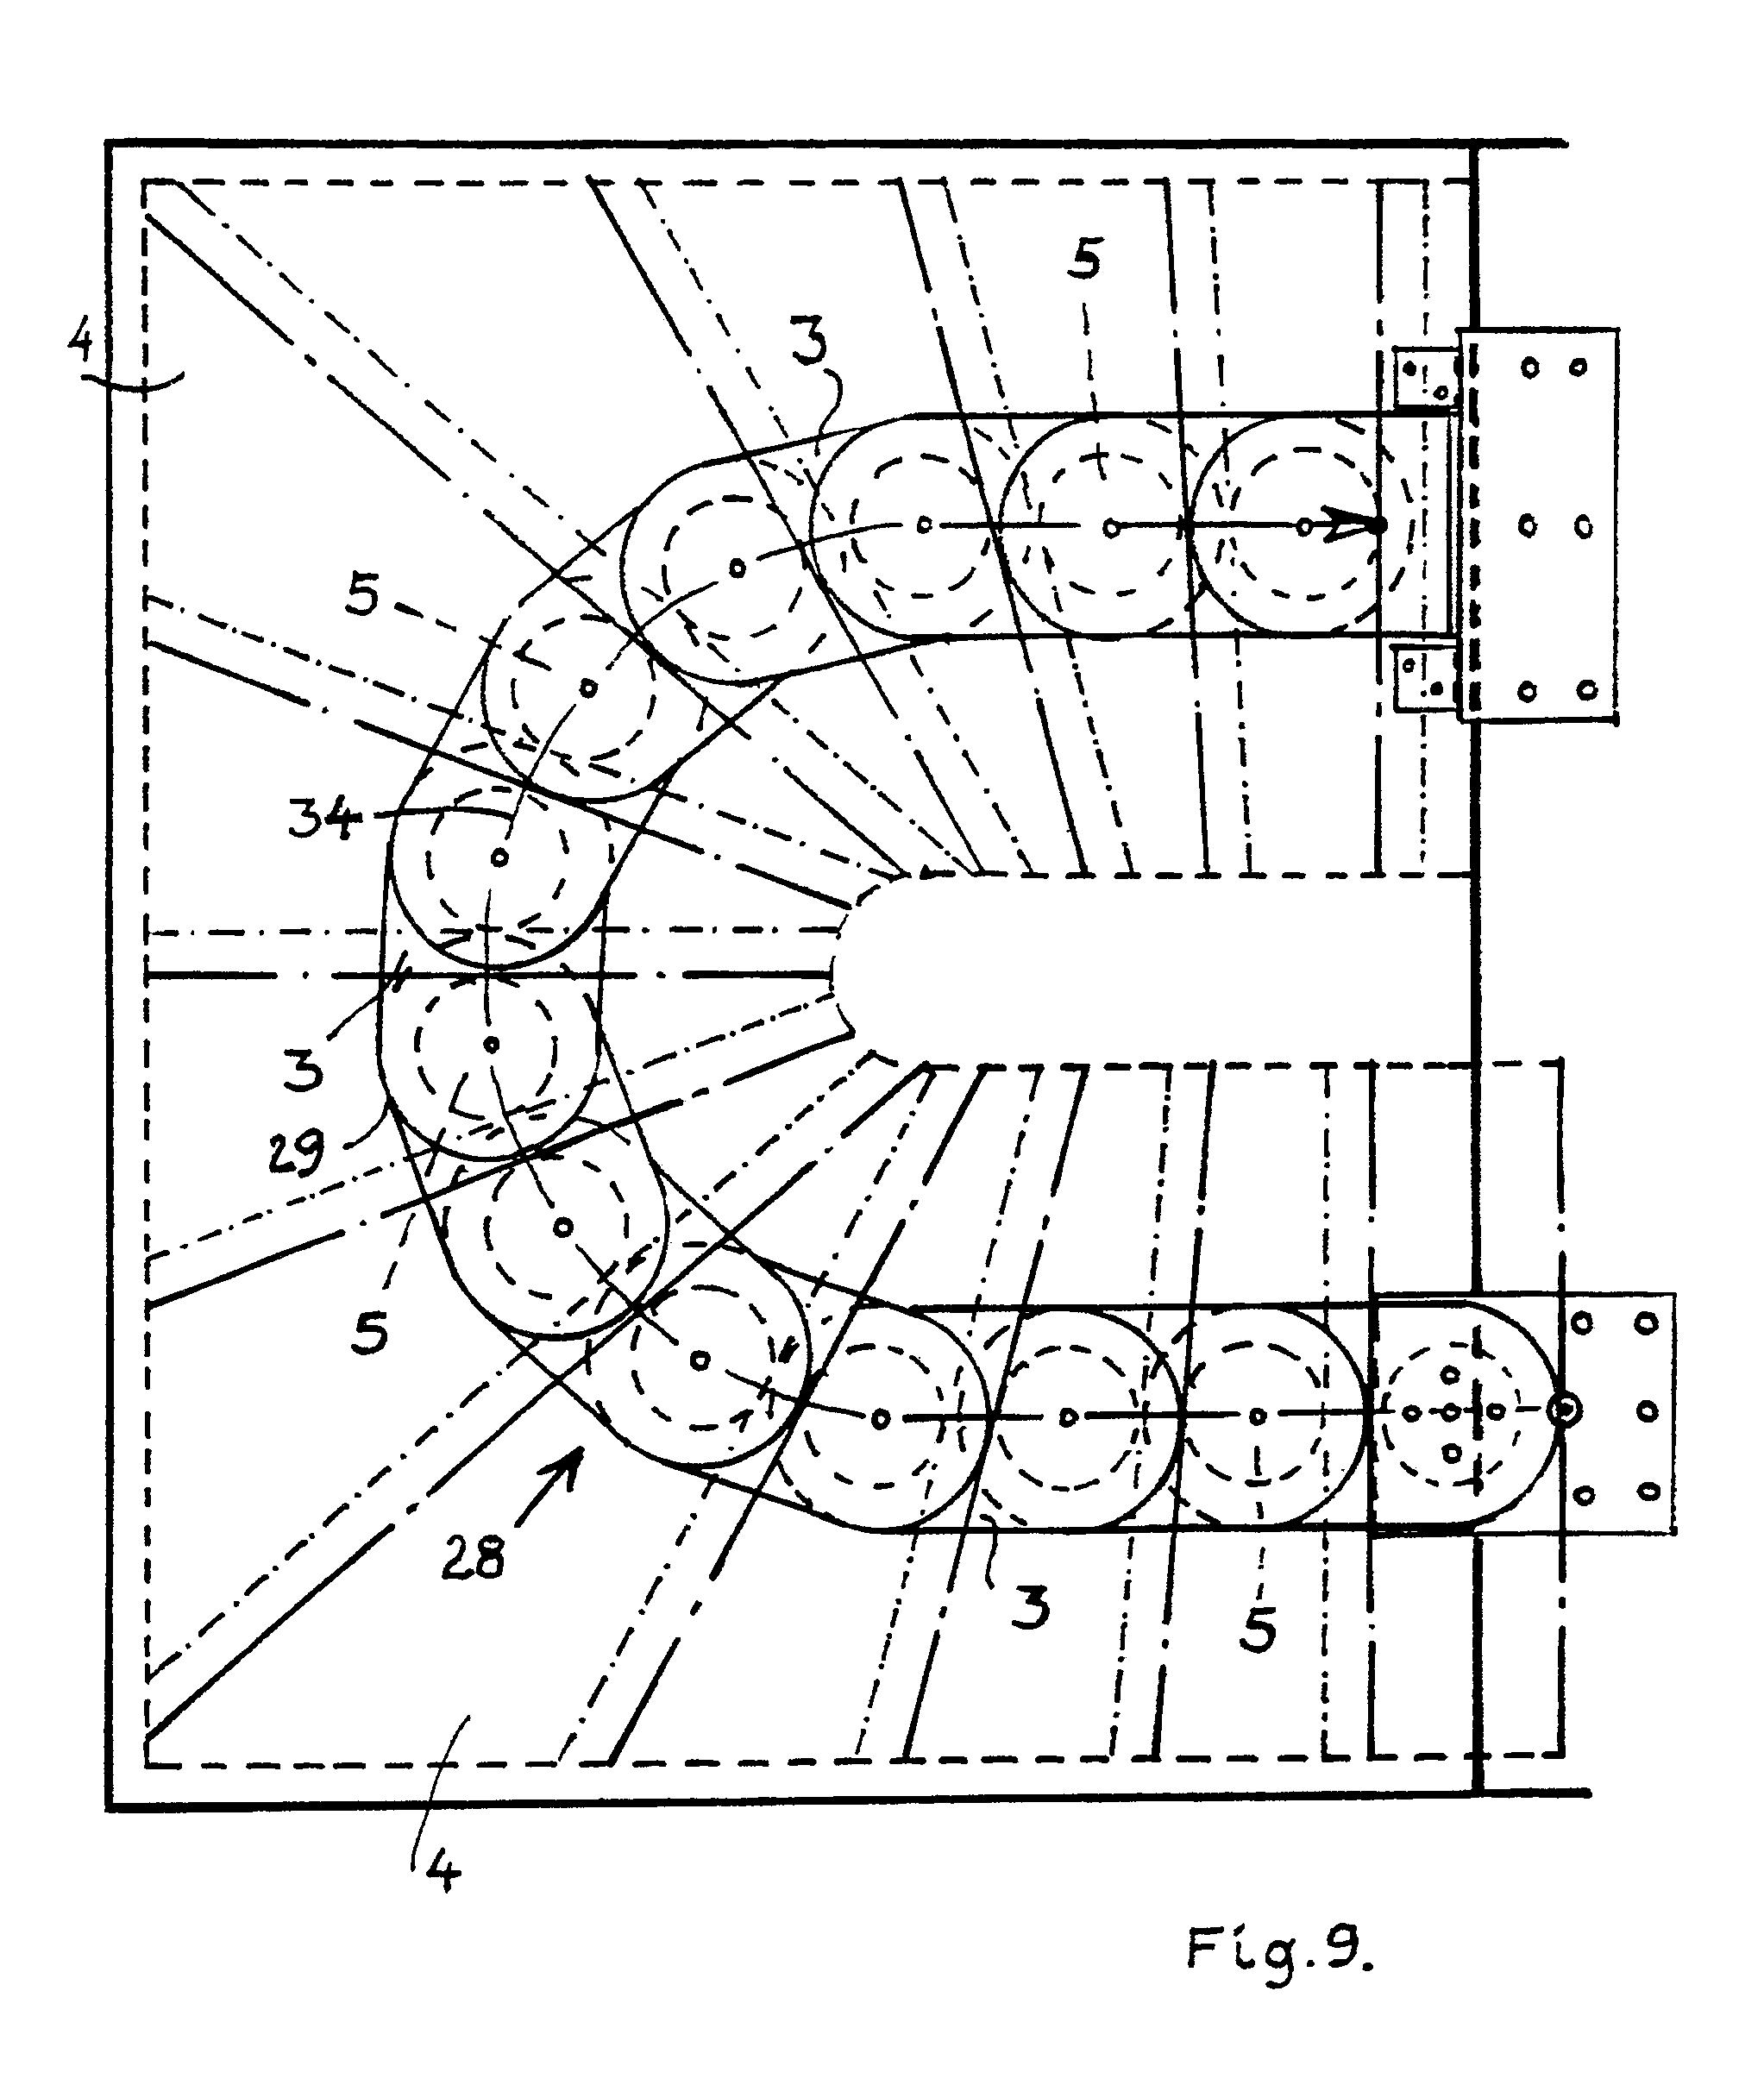 patent ep0283890b1 vorzufertigende tragkonstruktion f r einen treppenlauf google patents. Black Bedroom Furniture Sets. Home Design Ideas